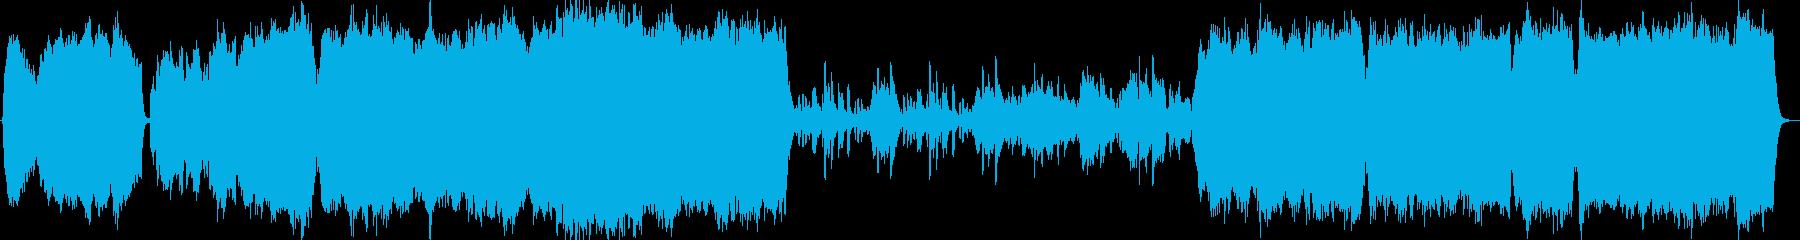 ゆったりとしたオーケストラの再生済みの波形